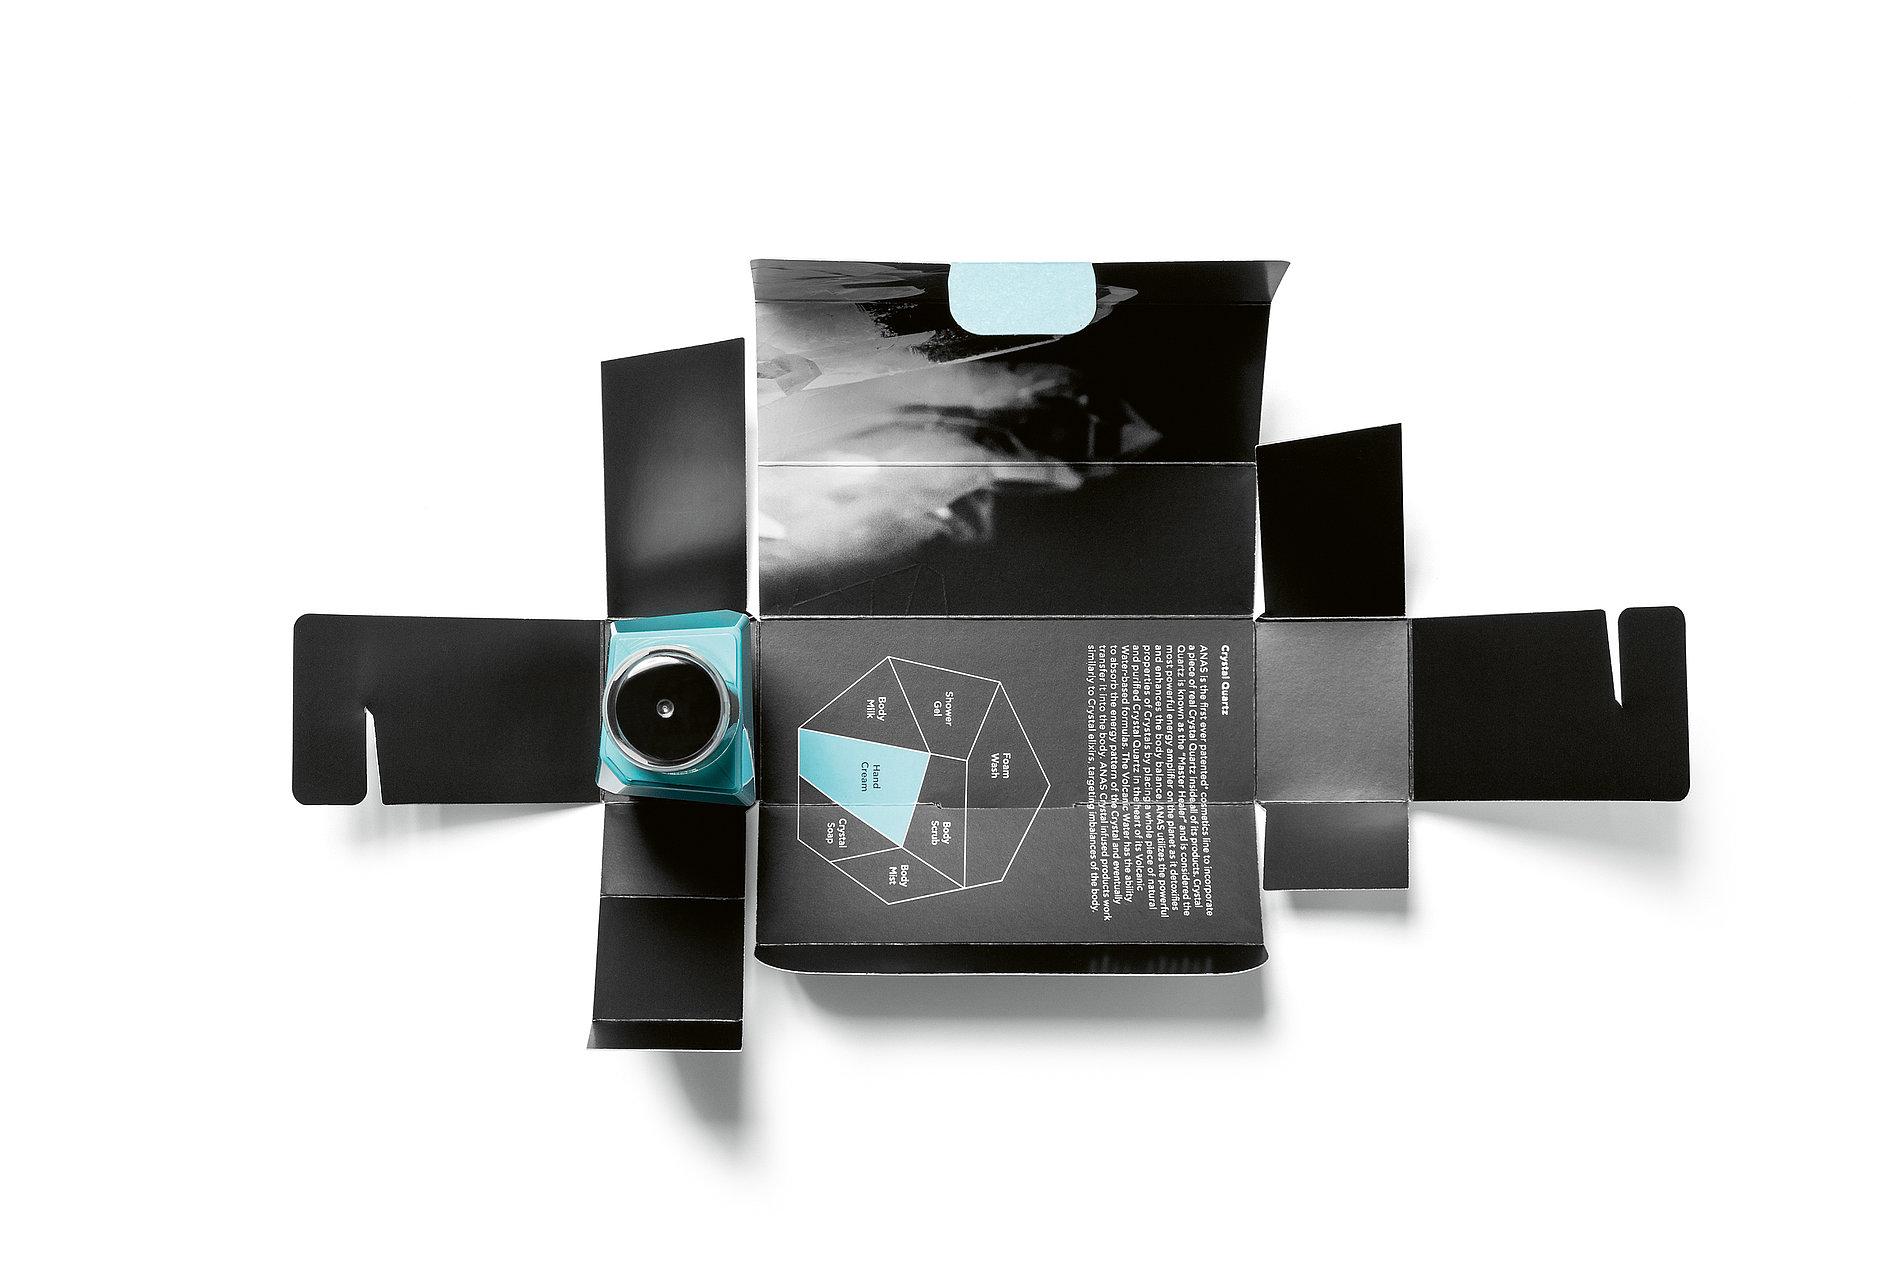 ANAS Crystal Quartz | Red Dot Design Award